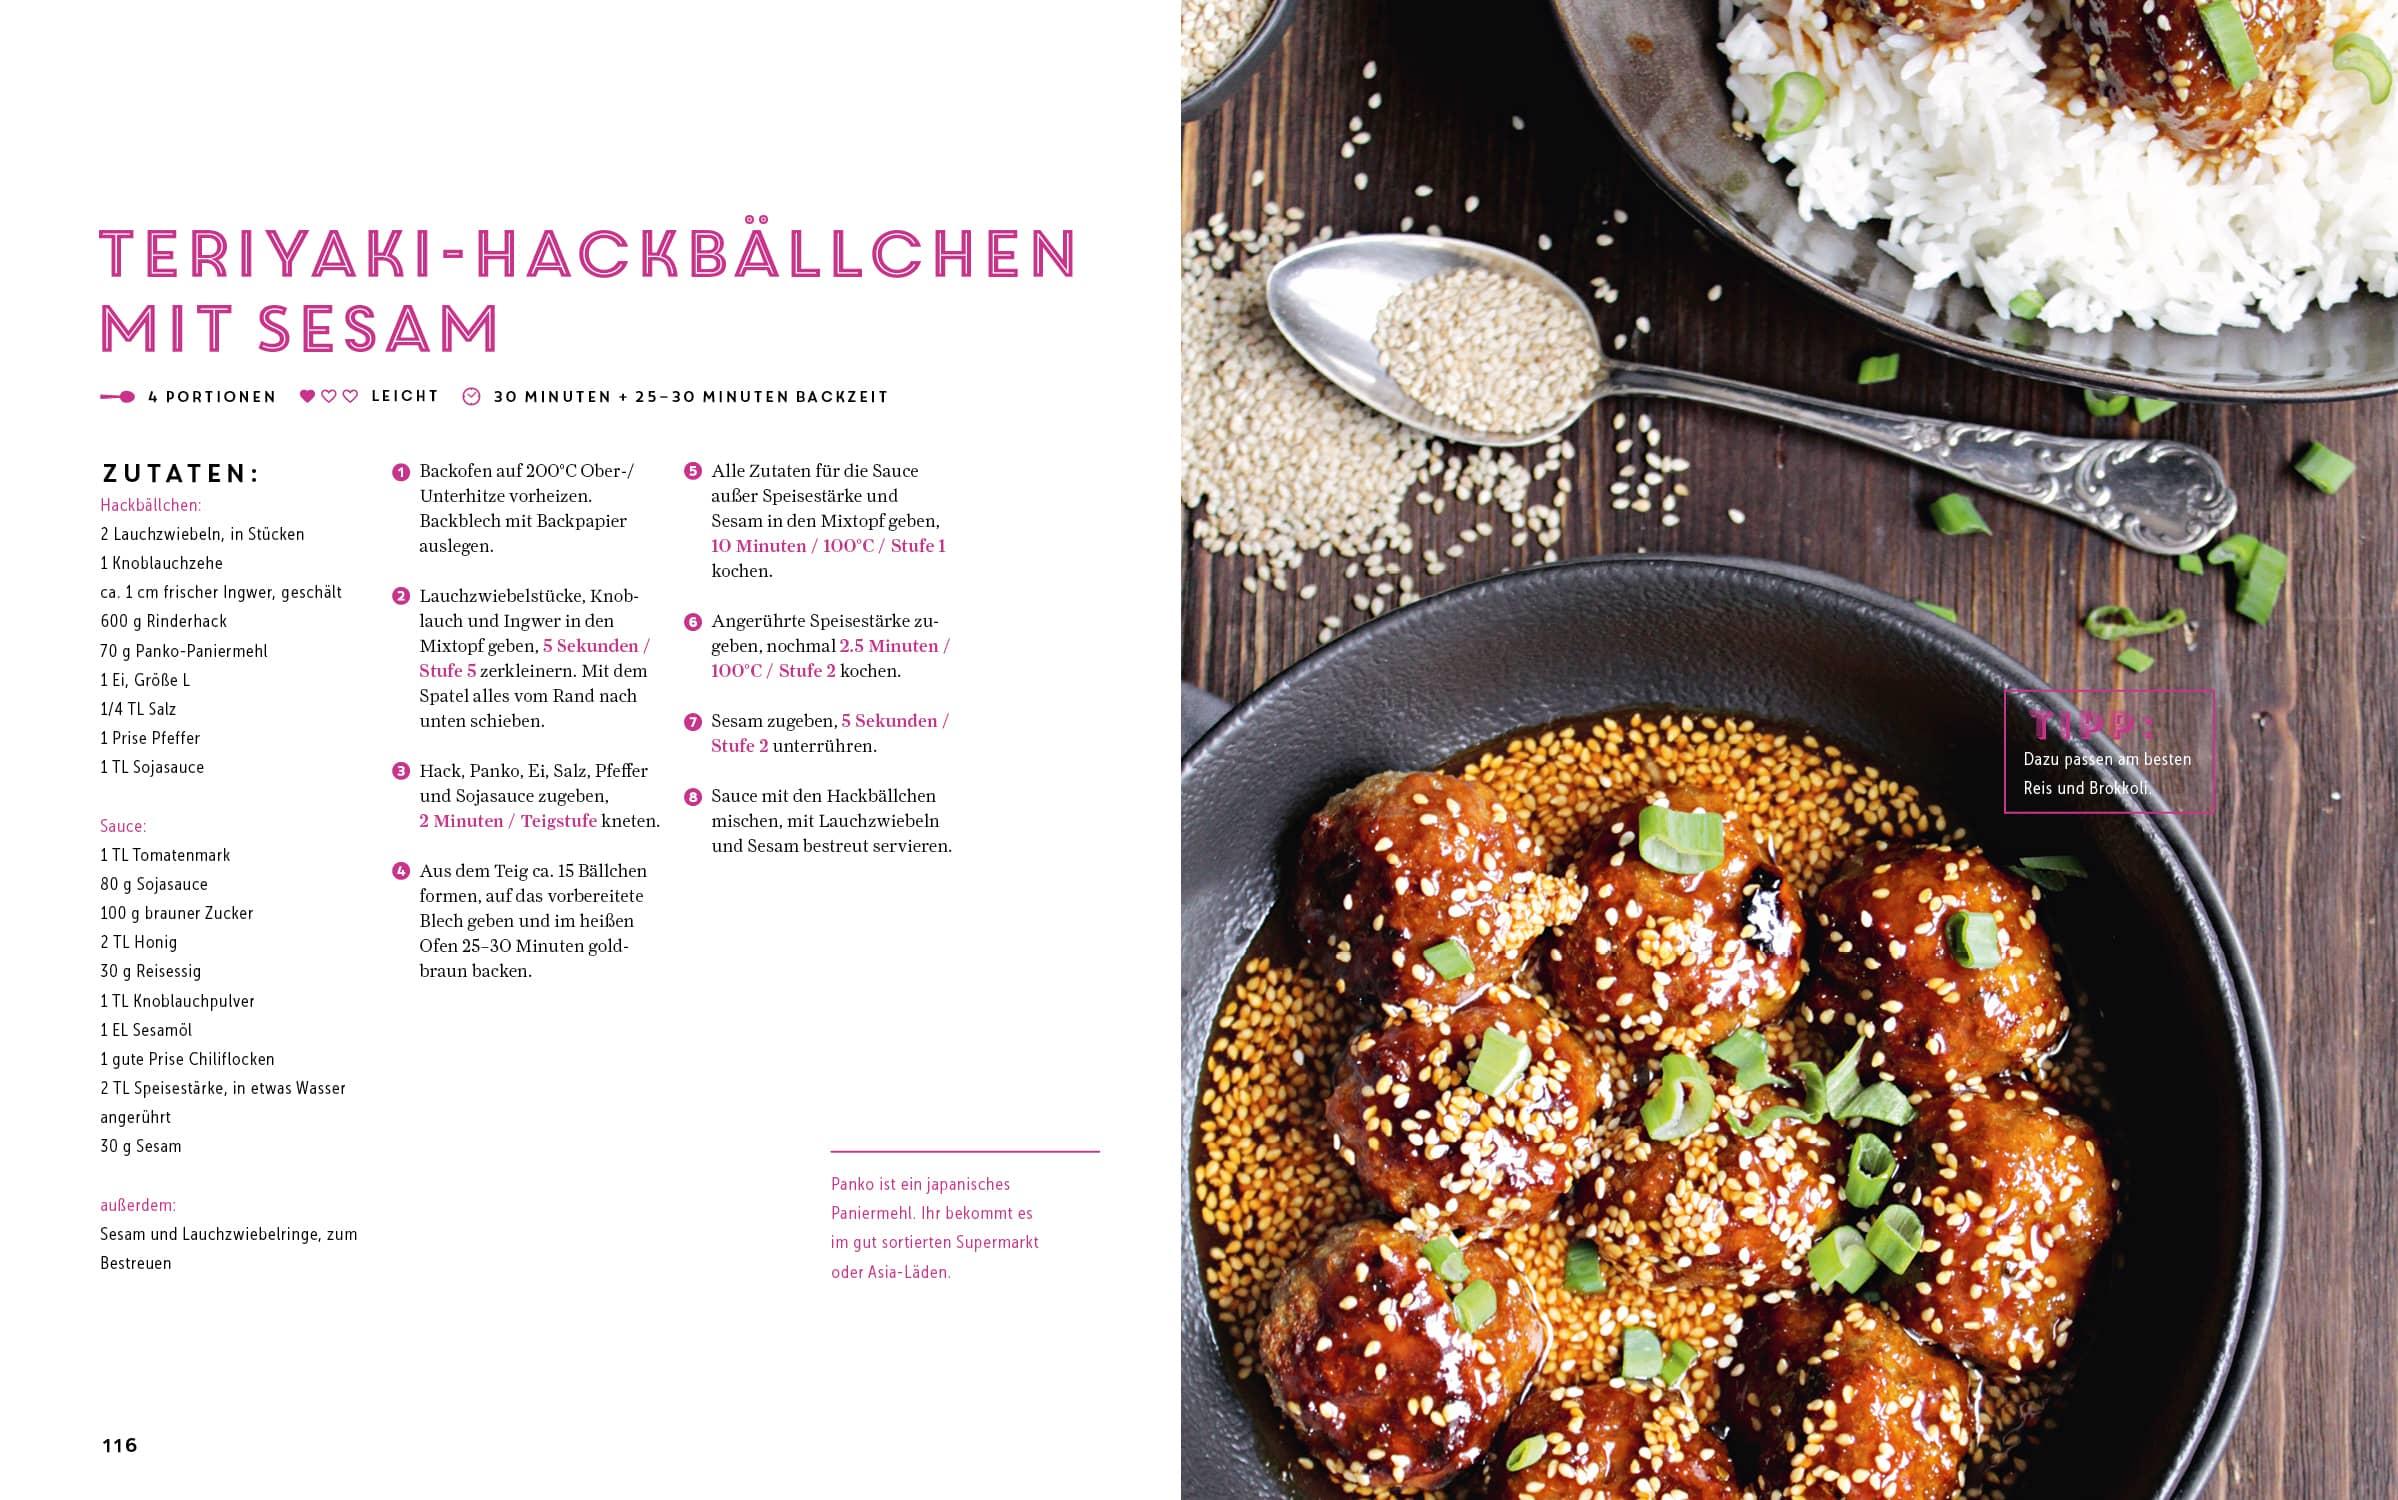 Sommerküche Food With Love : Soulfood with love rezepte zum glücklichsein mit dem thermomix